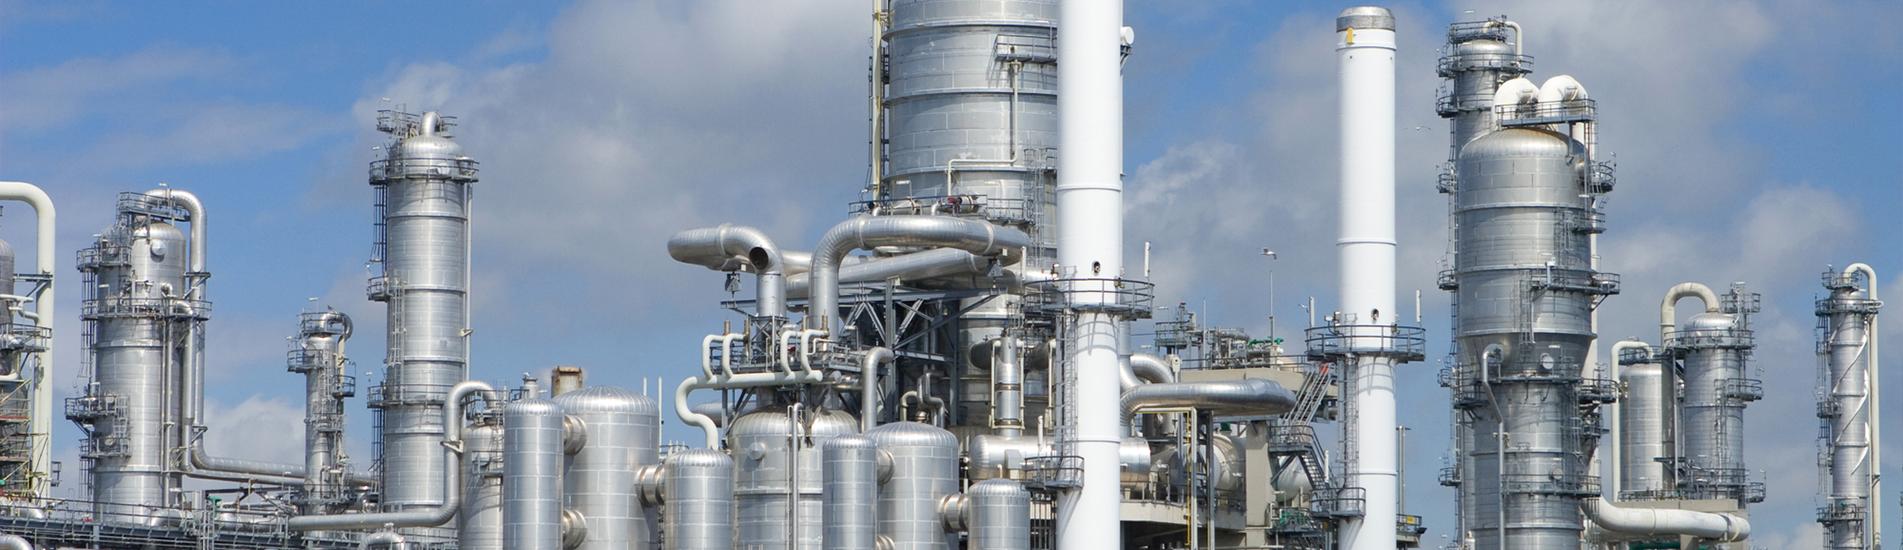 A Big Oil Refinery